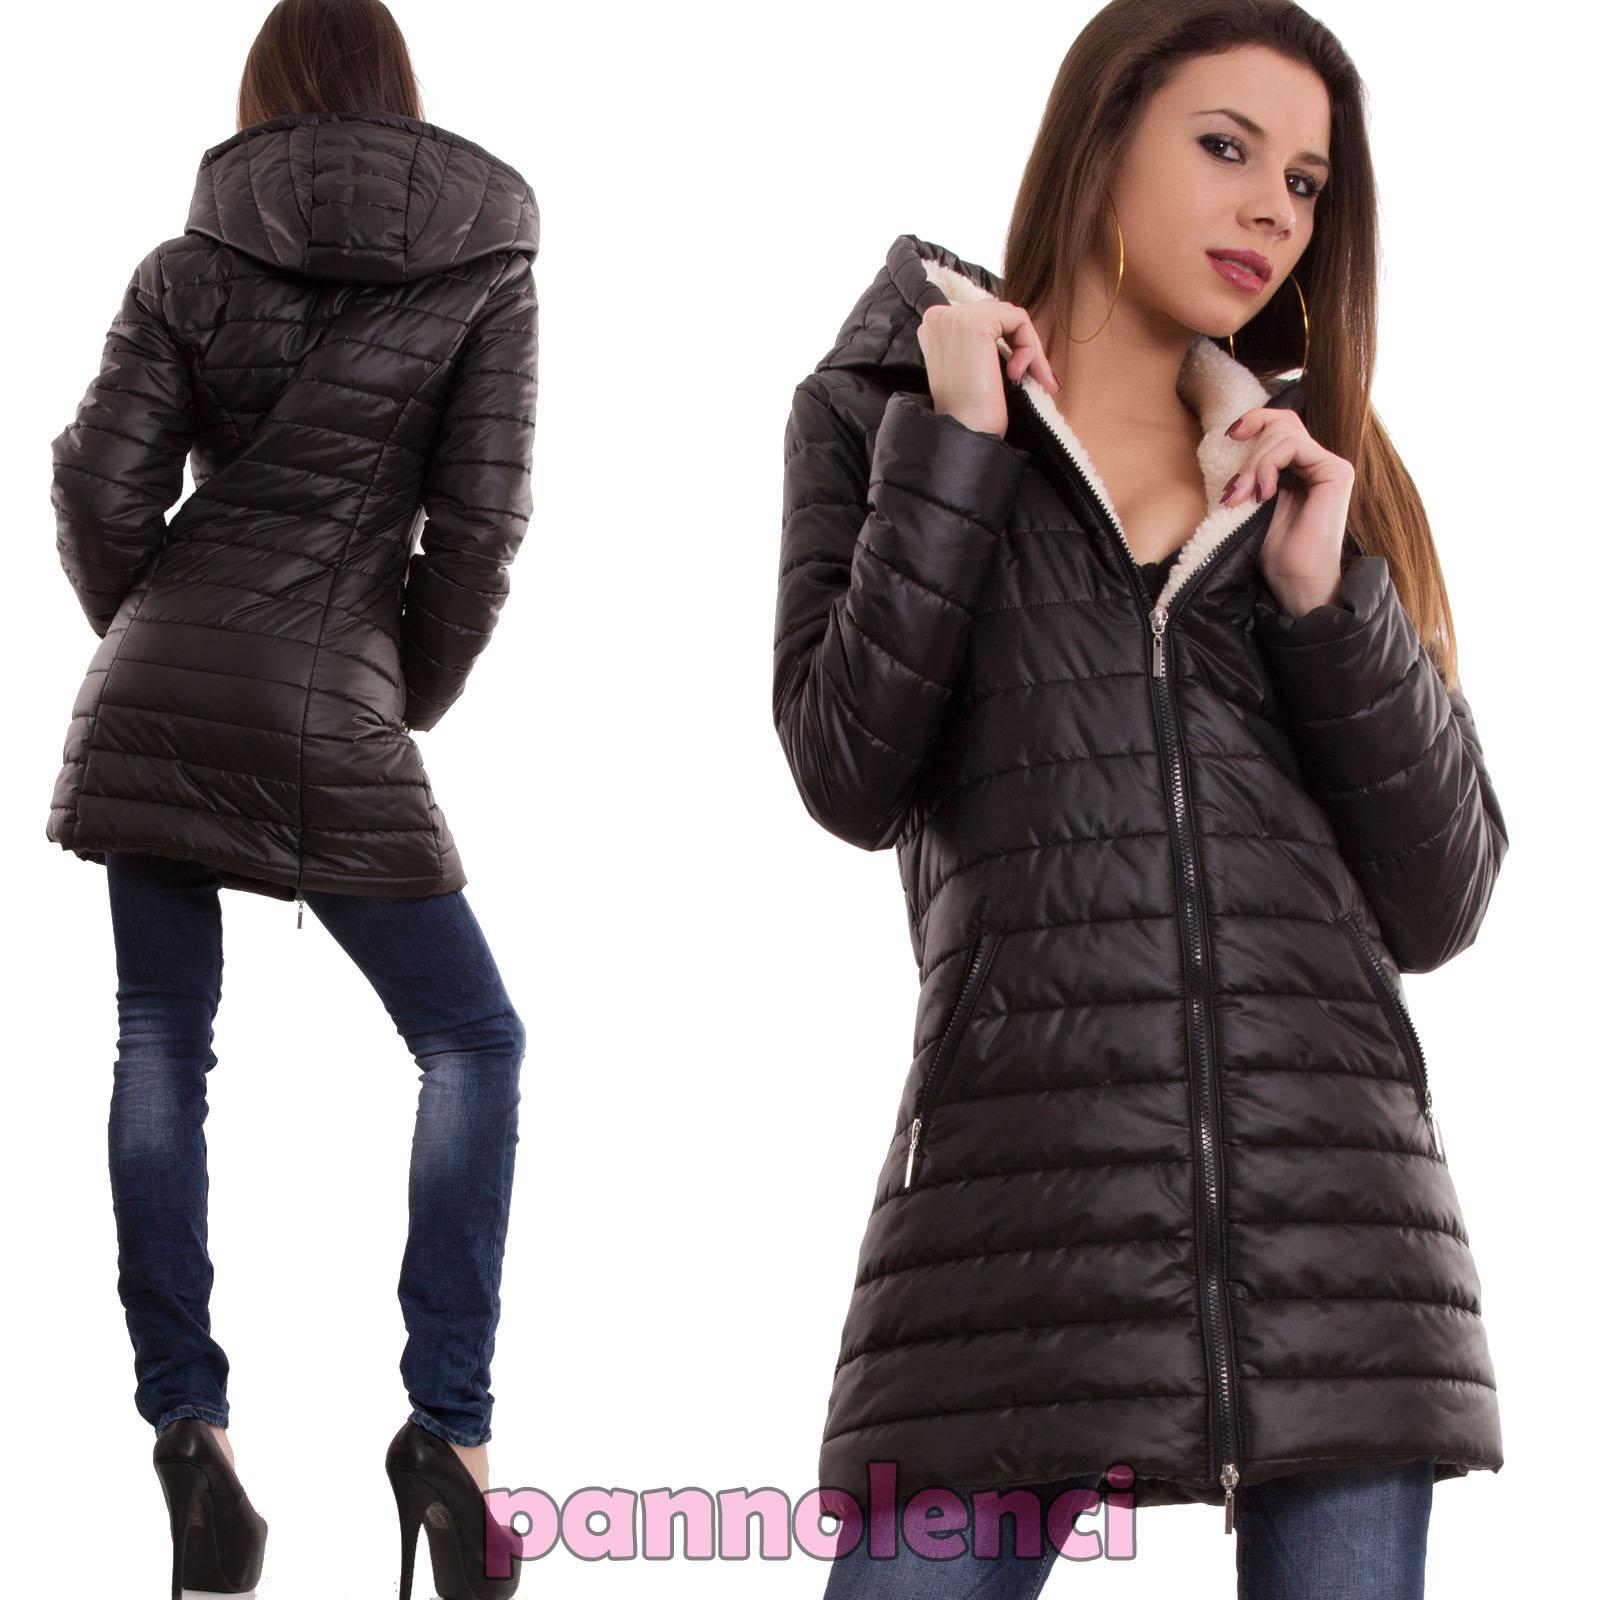 16af94186d Detalles de Piumino donna giubbotto giaccone lungo cappuccio maniche lunghe  nuovo CC-1076